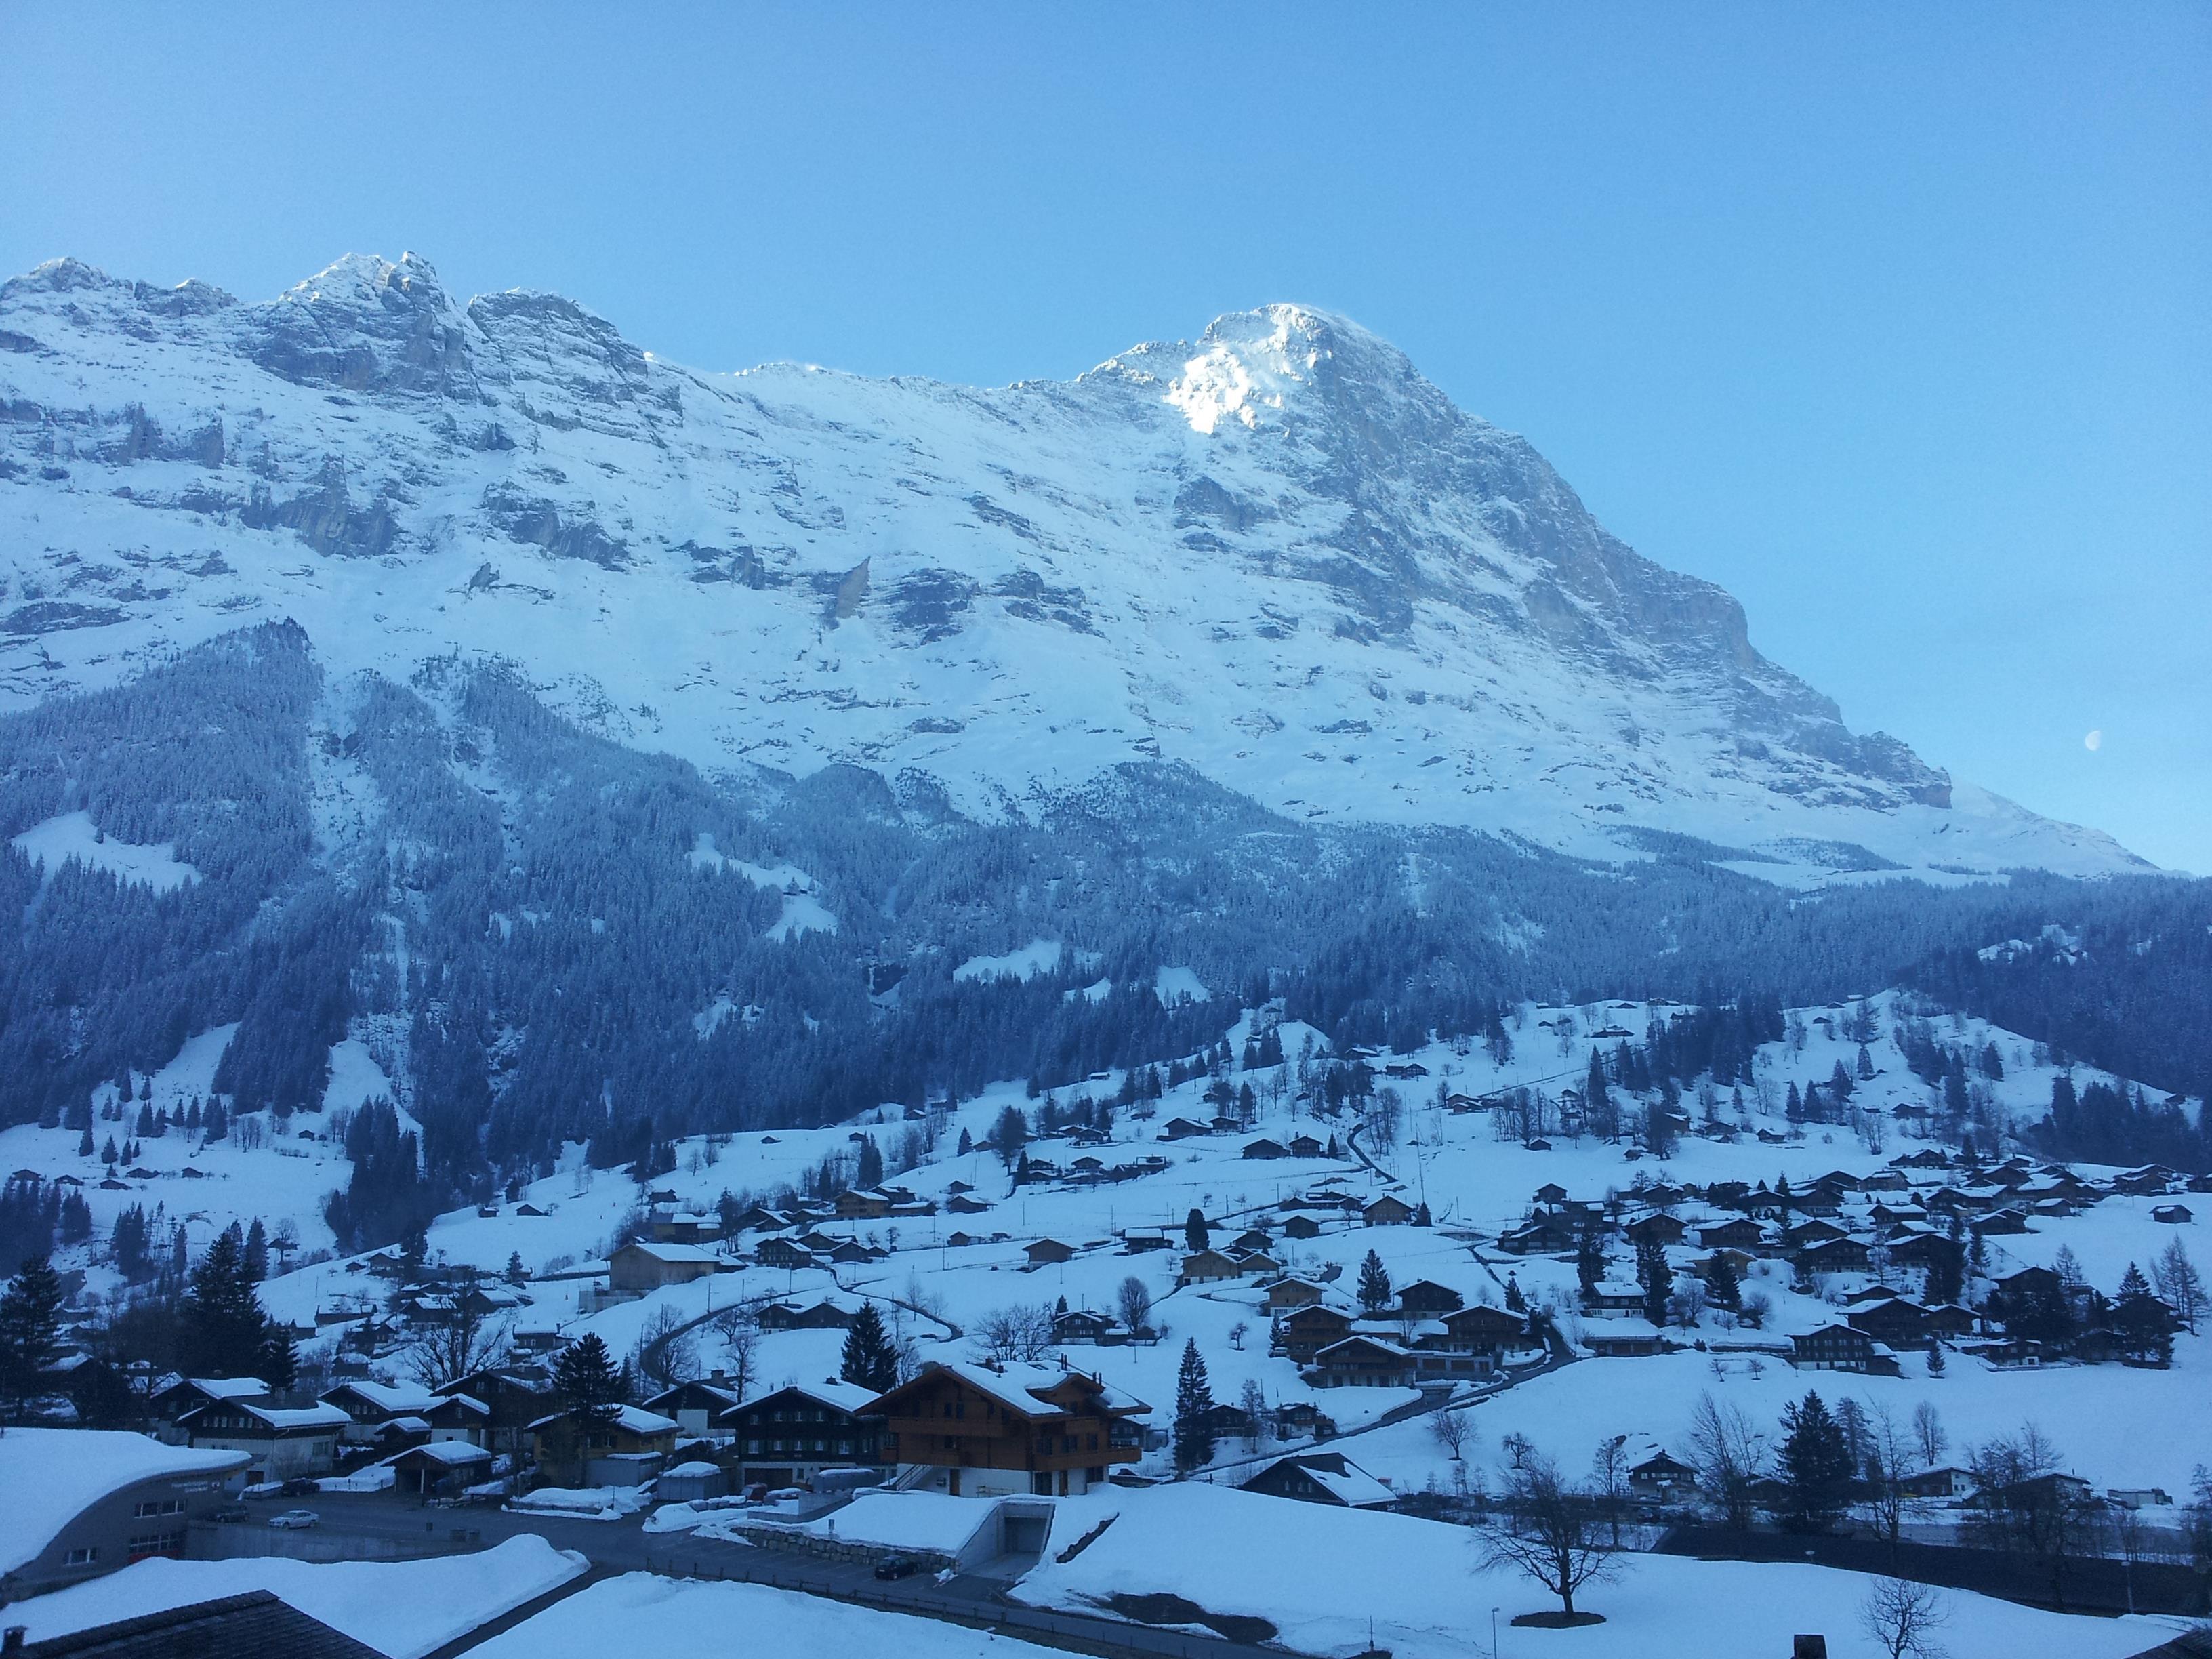 Appartement de vacances Schulerszaun 1 2 Bett Wohnung (2691731), Grindelwald, Région de la Jungfrau, Oberland bernois, Suisse, image 6